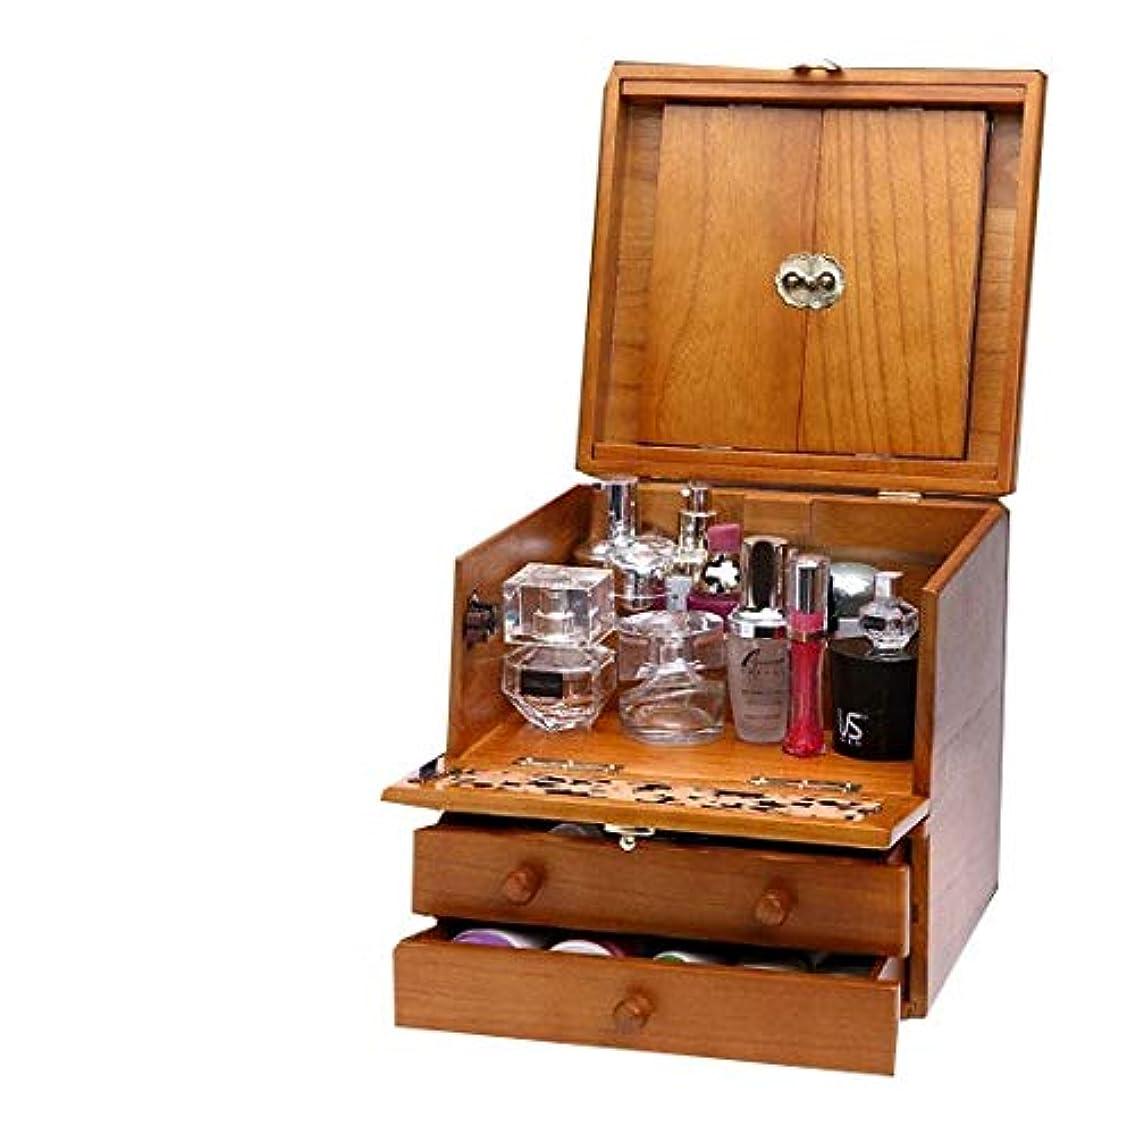 家主怪物簿記係化粧箱、3層レトロ木製彫刻化粧ケース付きミラー、ハイエンドのウェディングギフト、新築祝いのギフト、美容ネイルジュエリー収納ボックス